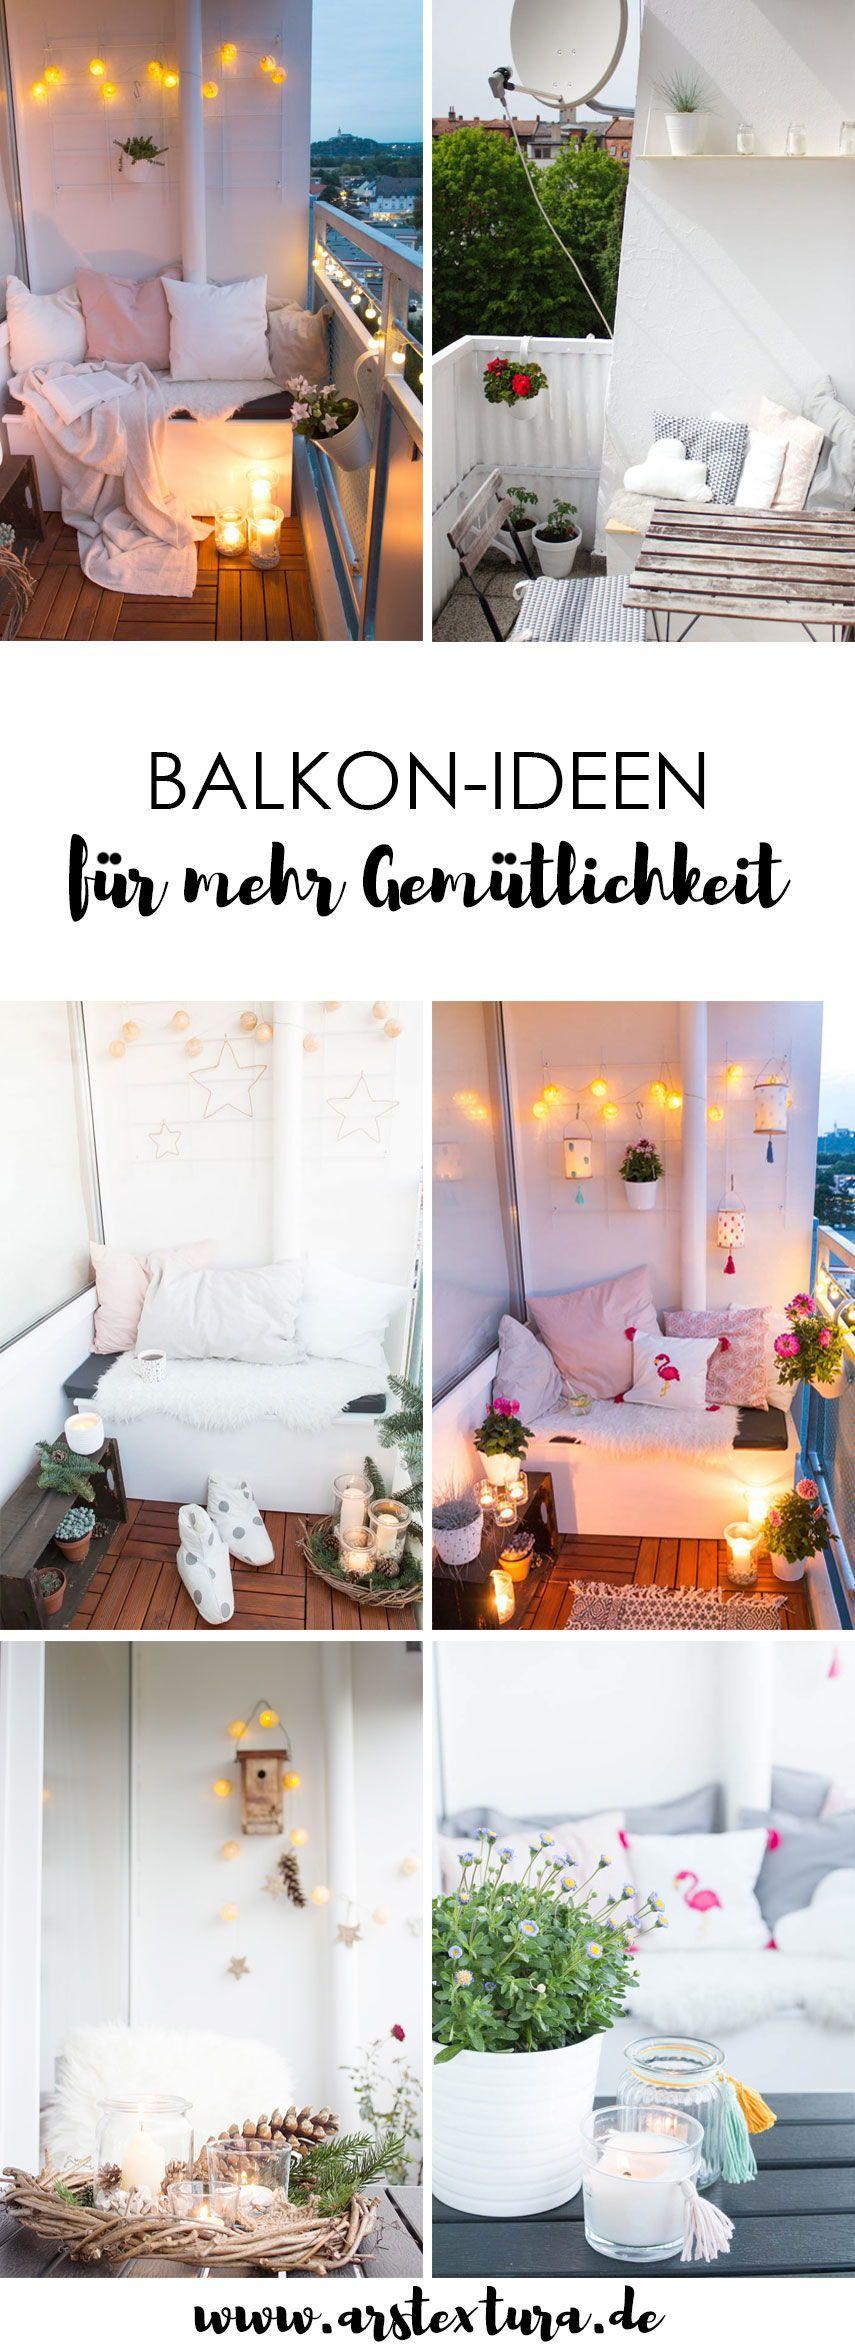 Balkon Ideen #balkonideen